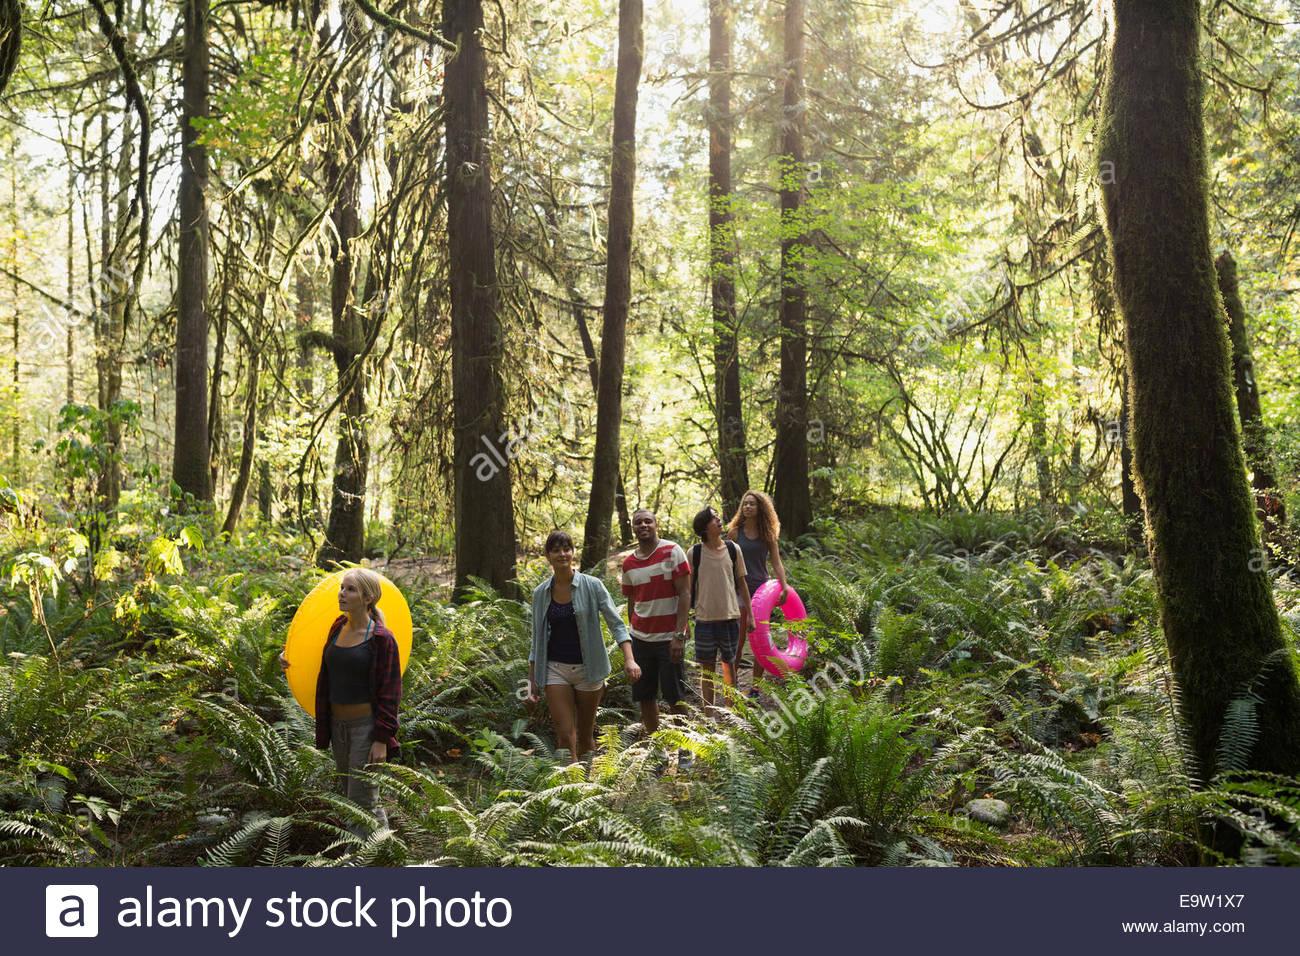 Amici con anelli gonfiabile a piedi nei boschi Immagini Stock